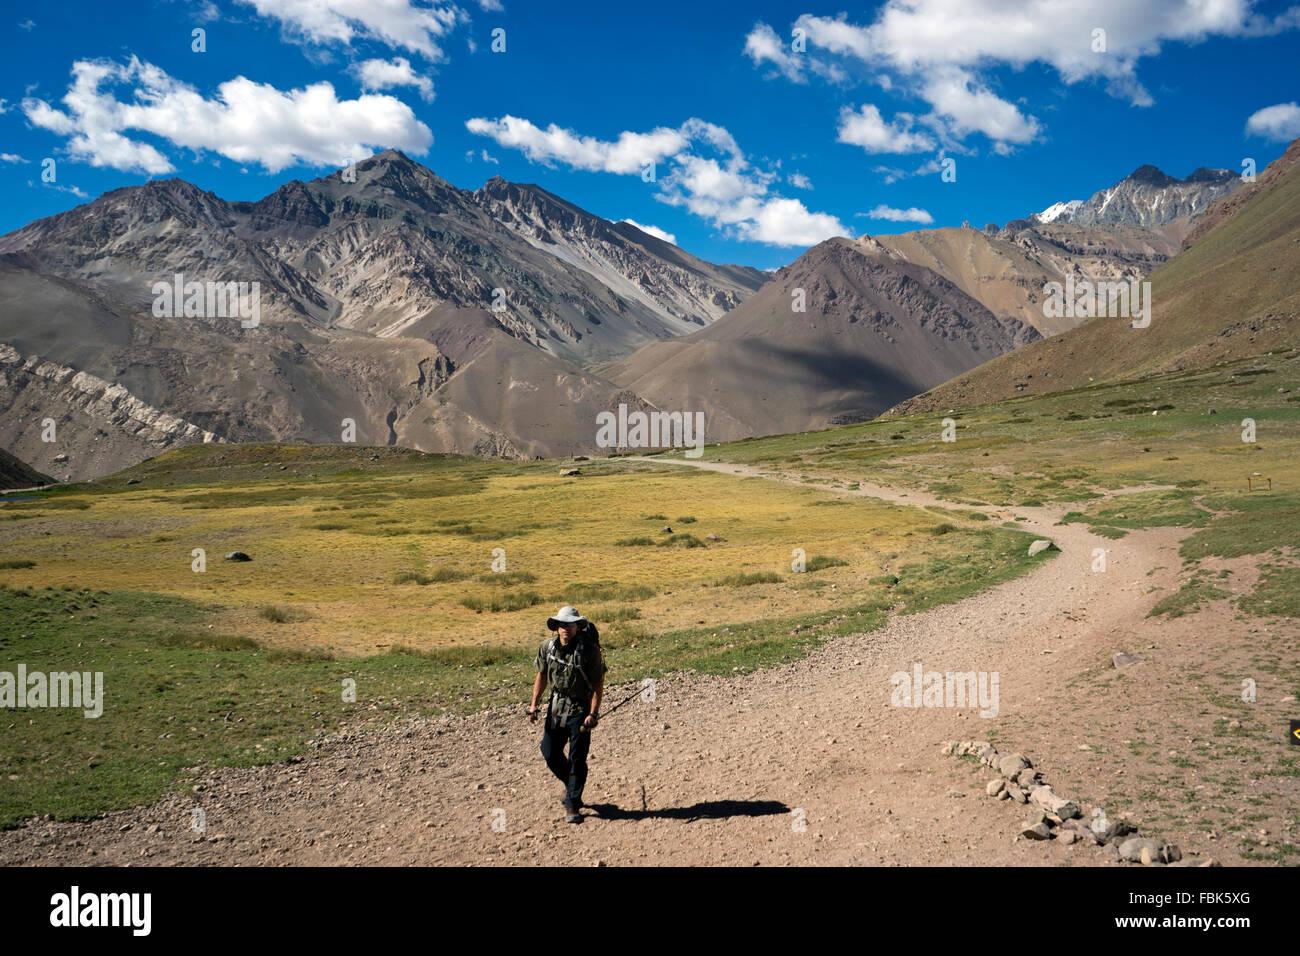 Sulla strada per la vetta del monte Aconcagua, Argentina, Ande. Immagini Stock